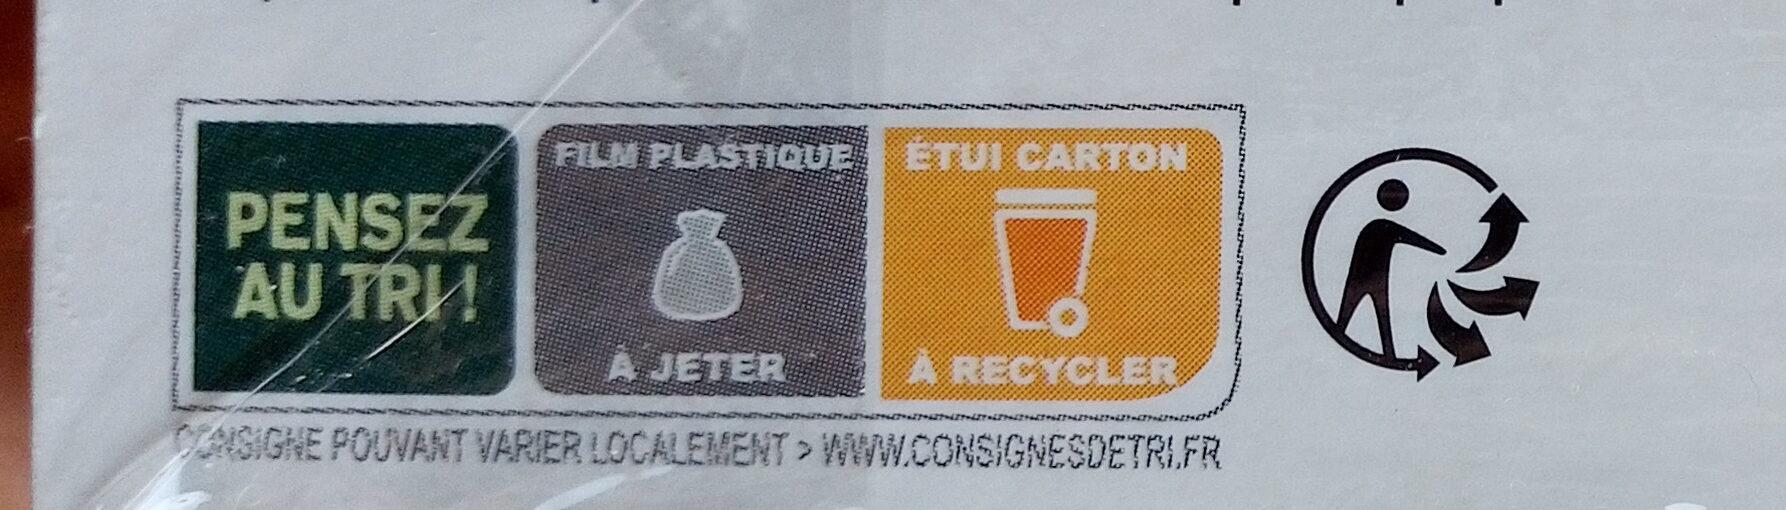 Levure de bière - Инструкции по переработке и / или информация об упаковке - fr